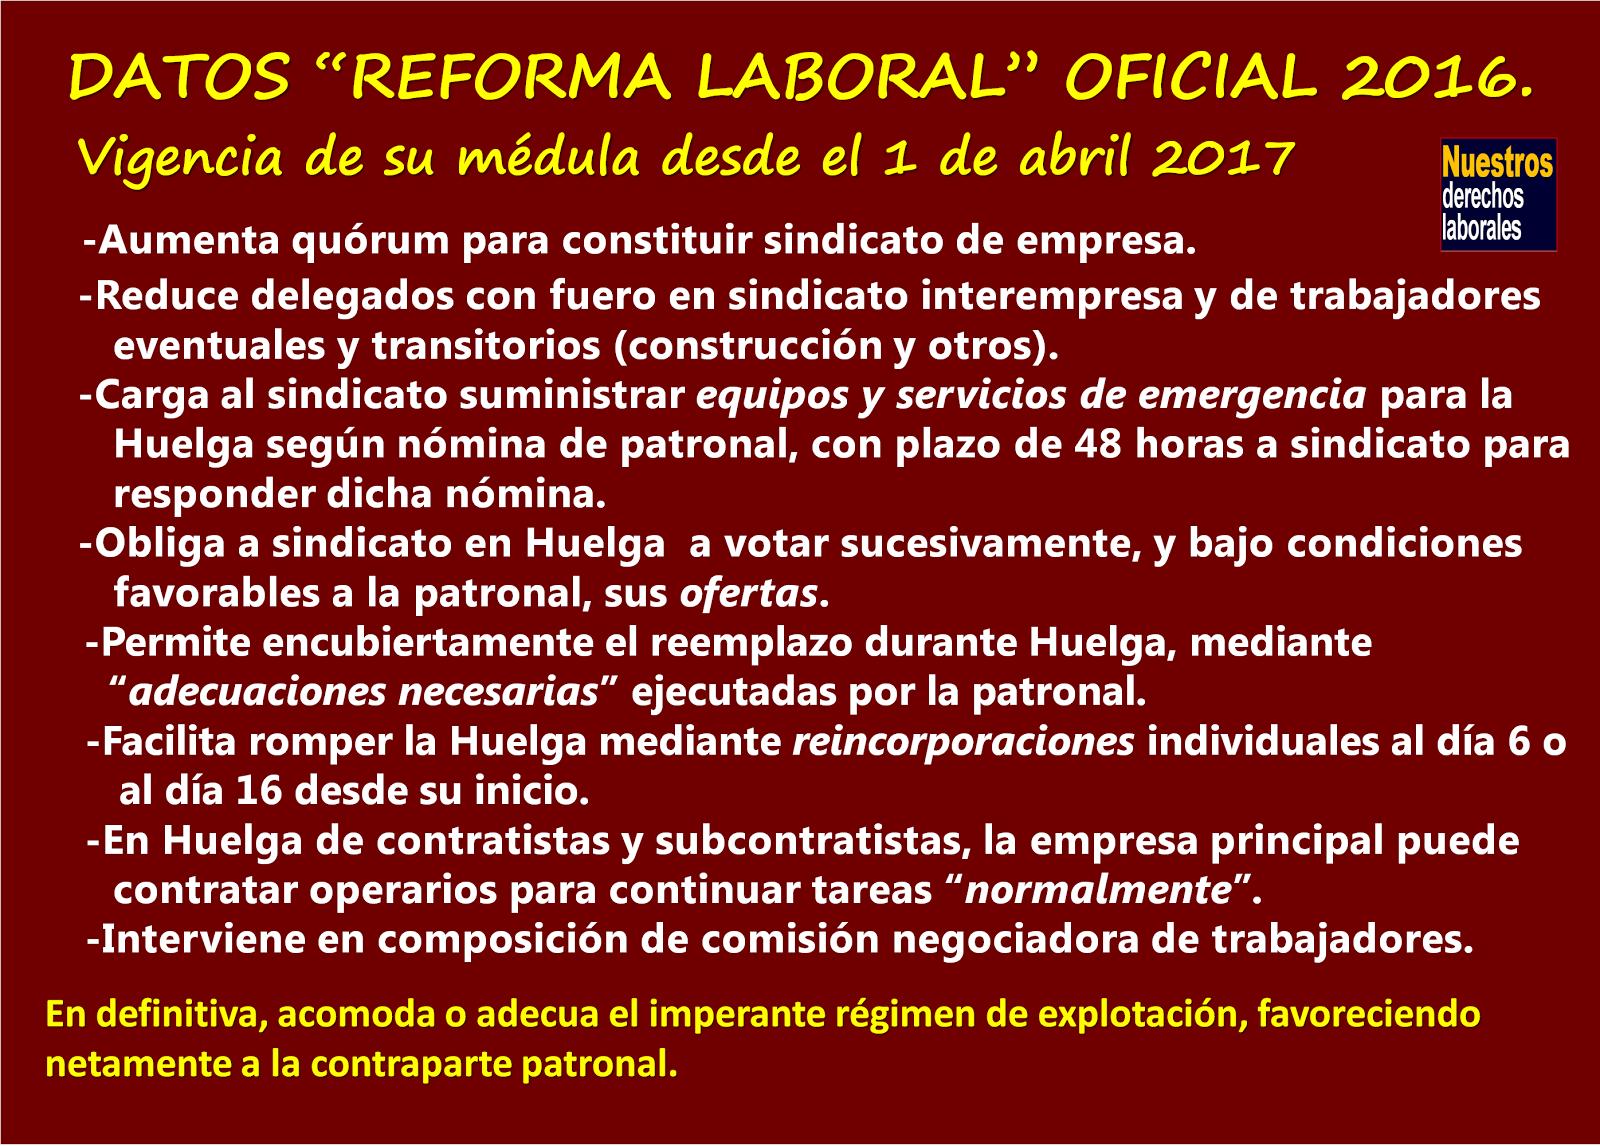 Reforma laboral oficialista. Lo que el Gobierno y su cúpula CUT no dicen.